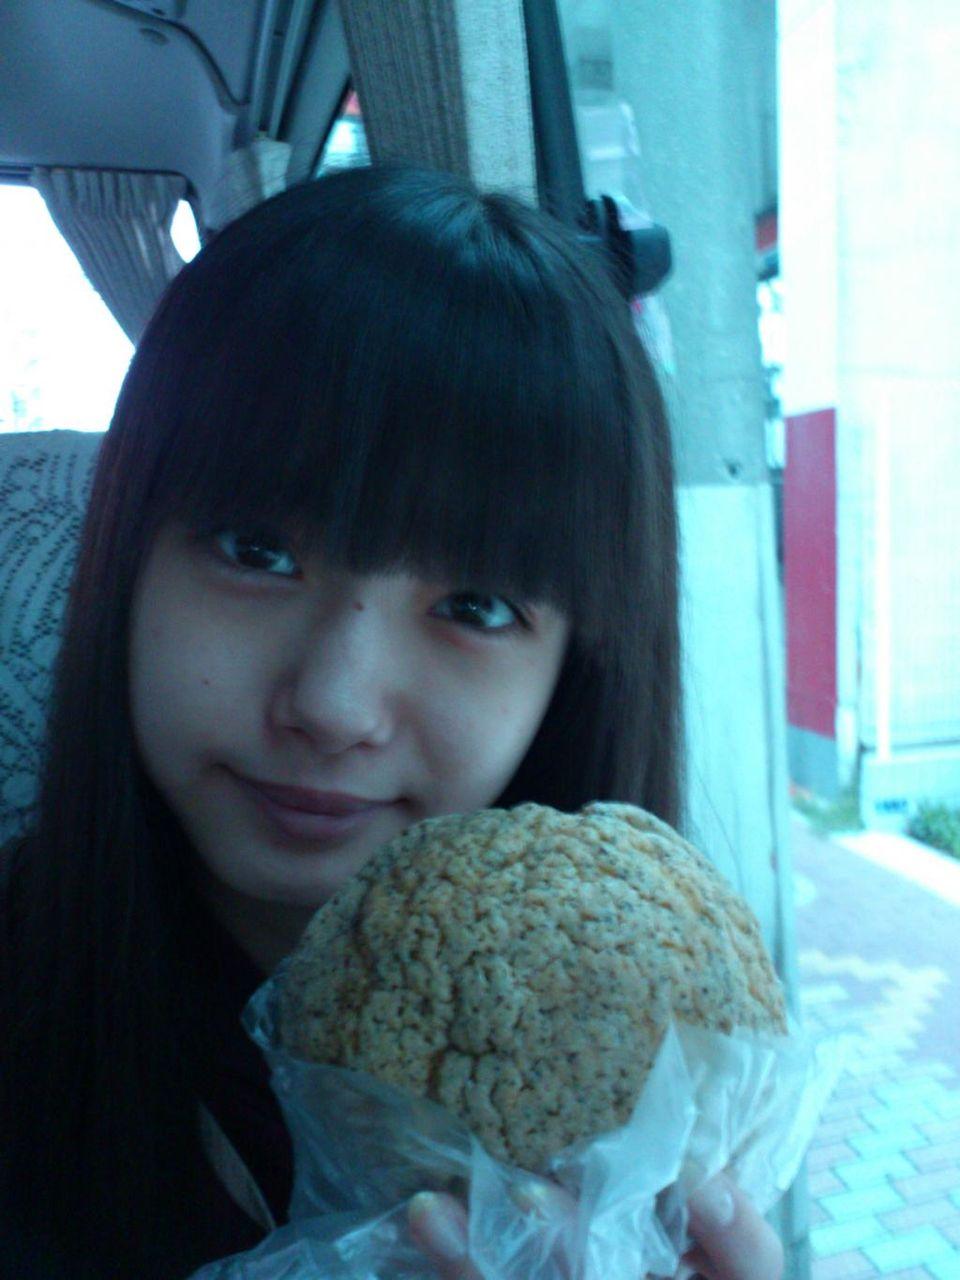 http://livedoor.blogimg.jp/omaeranews-idol/imgs/4/1/411e9464.jpg